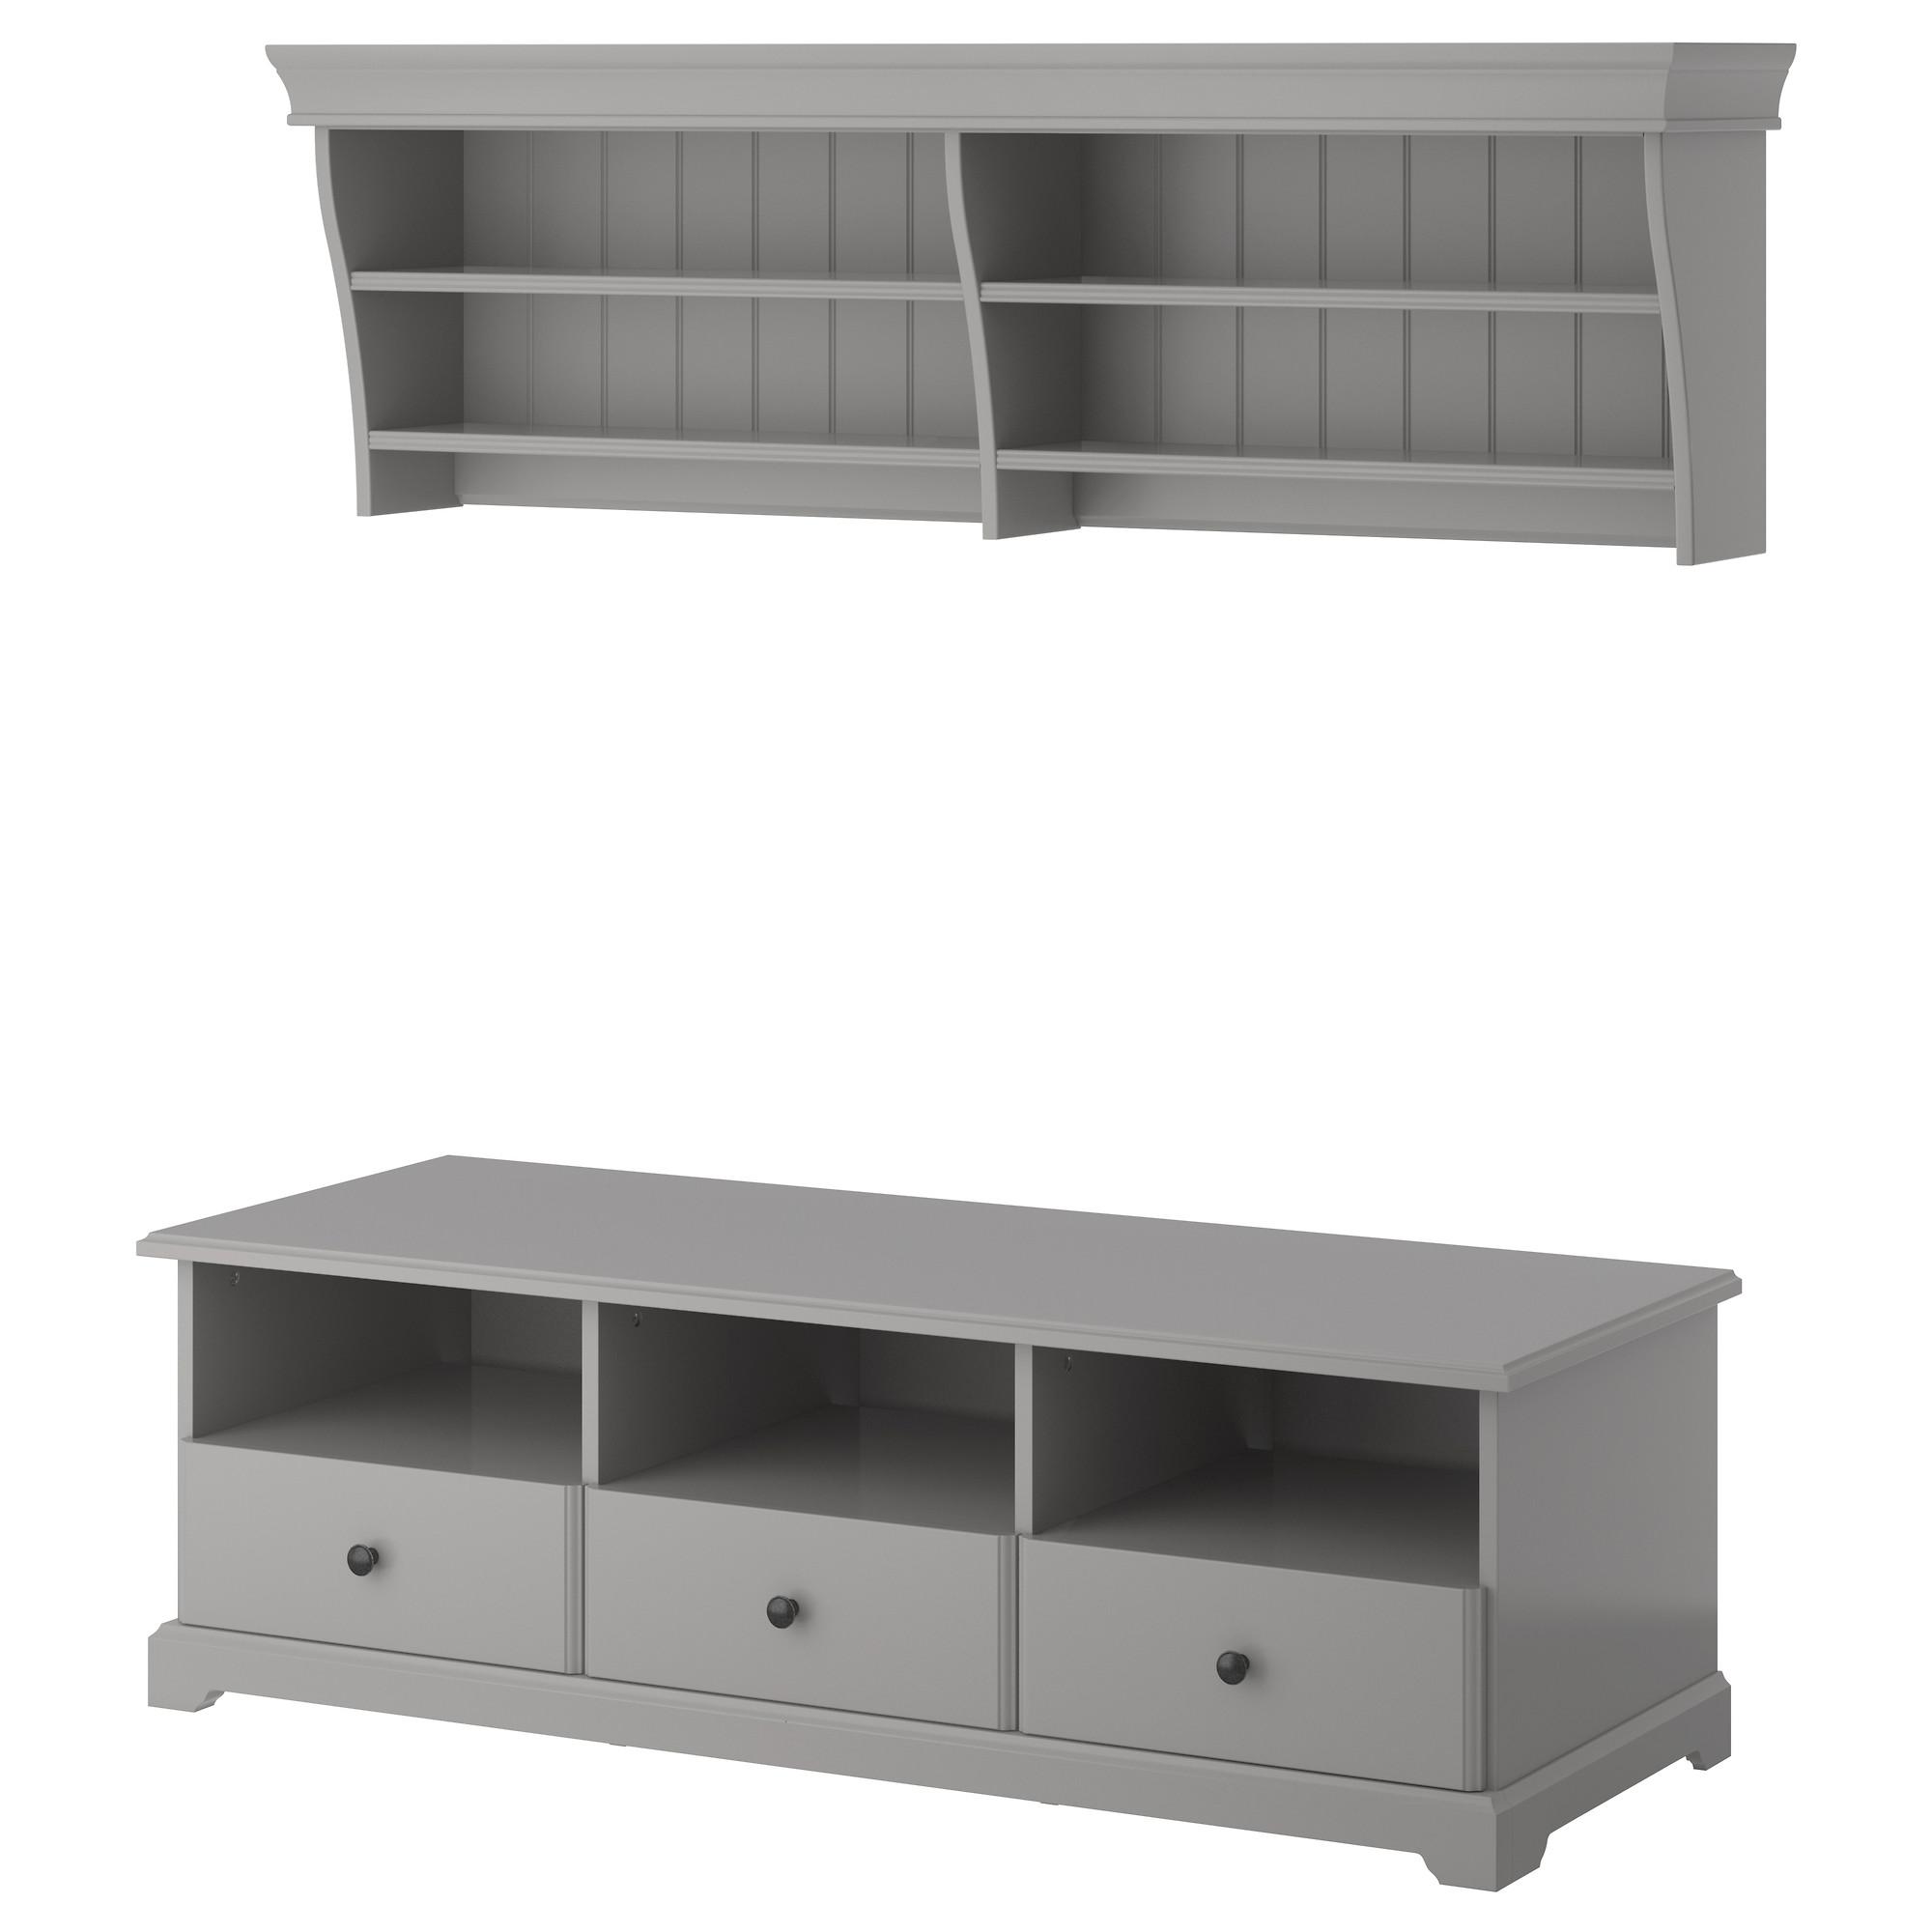 tv m bel liatorp in wei und grau nur 298 00 cherry m bel ikea. Black Bedroom Furniture Sets. Home Design Ideas